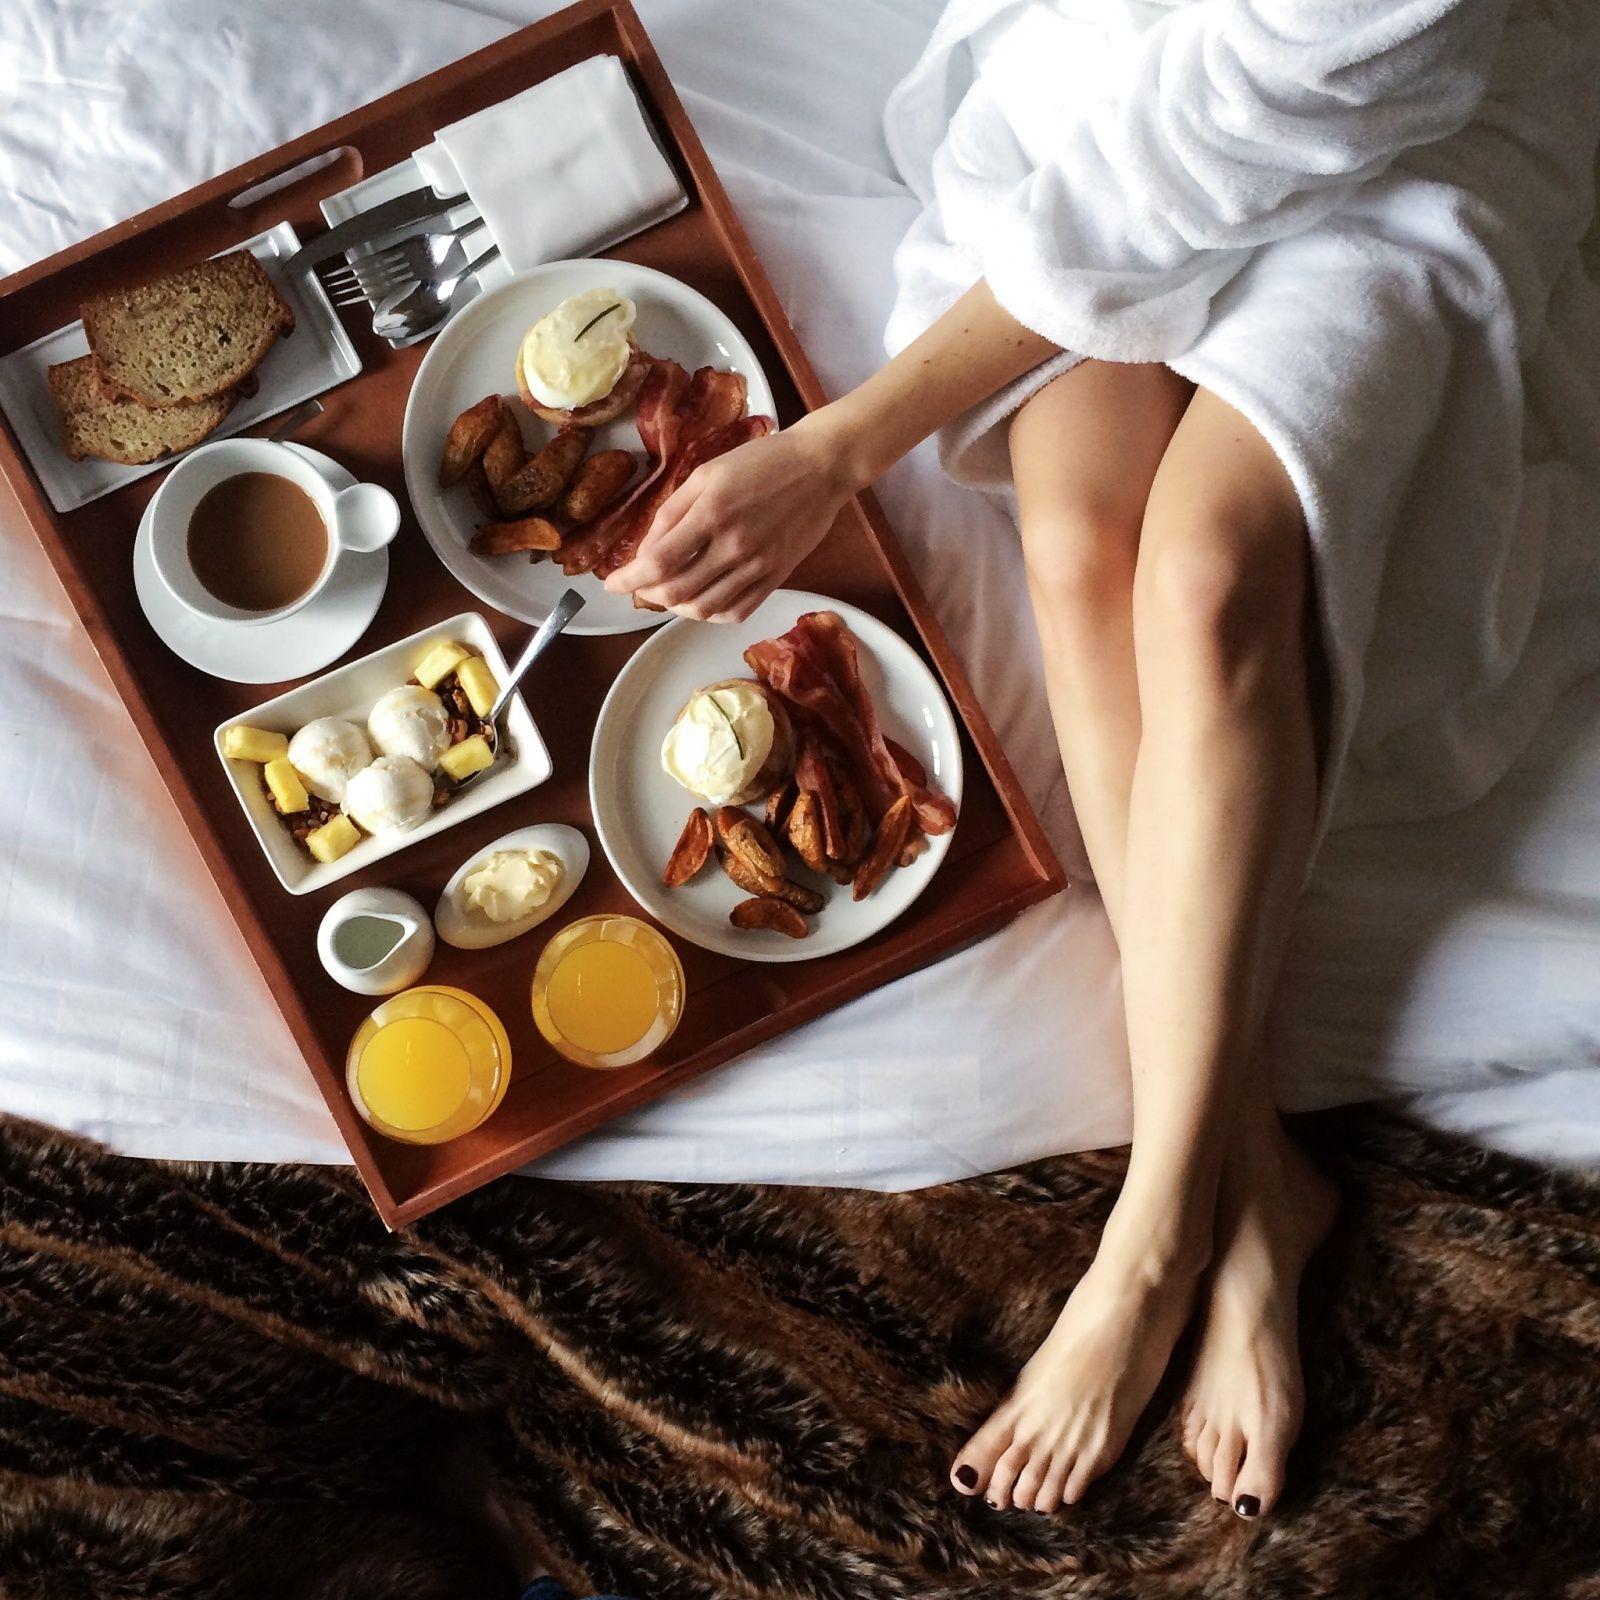 Breakfast in bed-The transatlantic-VSCO_1600x1600